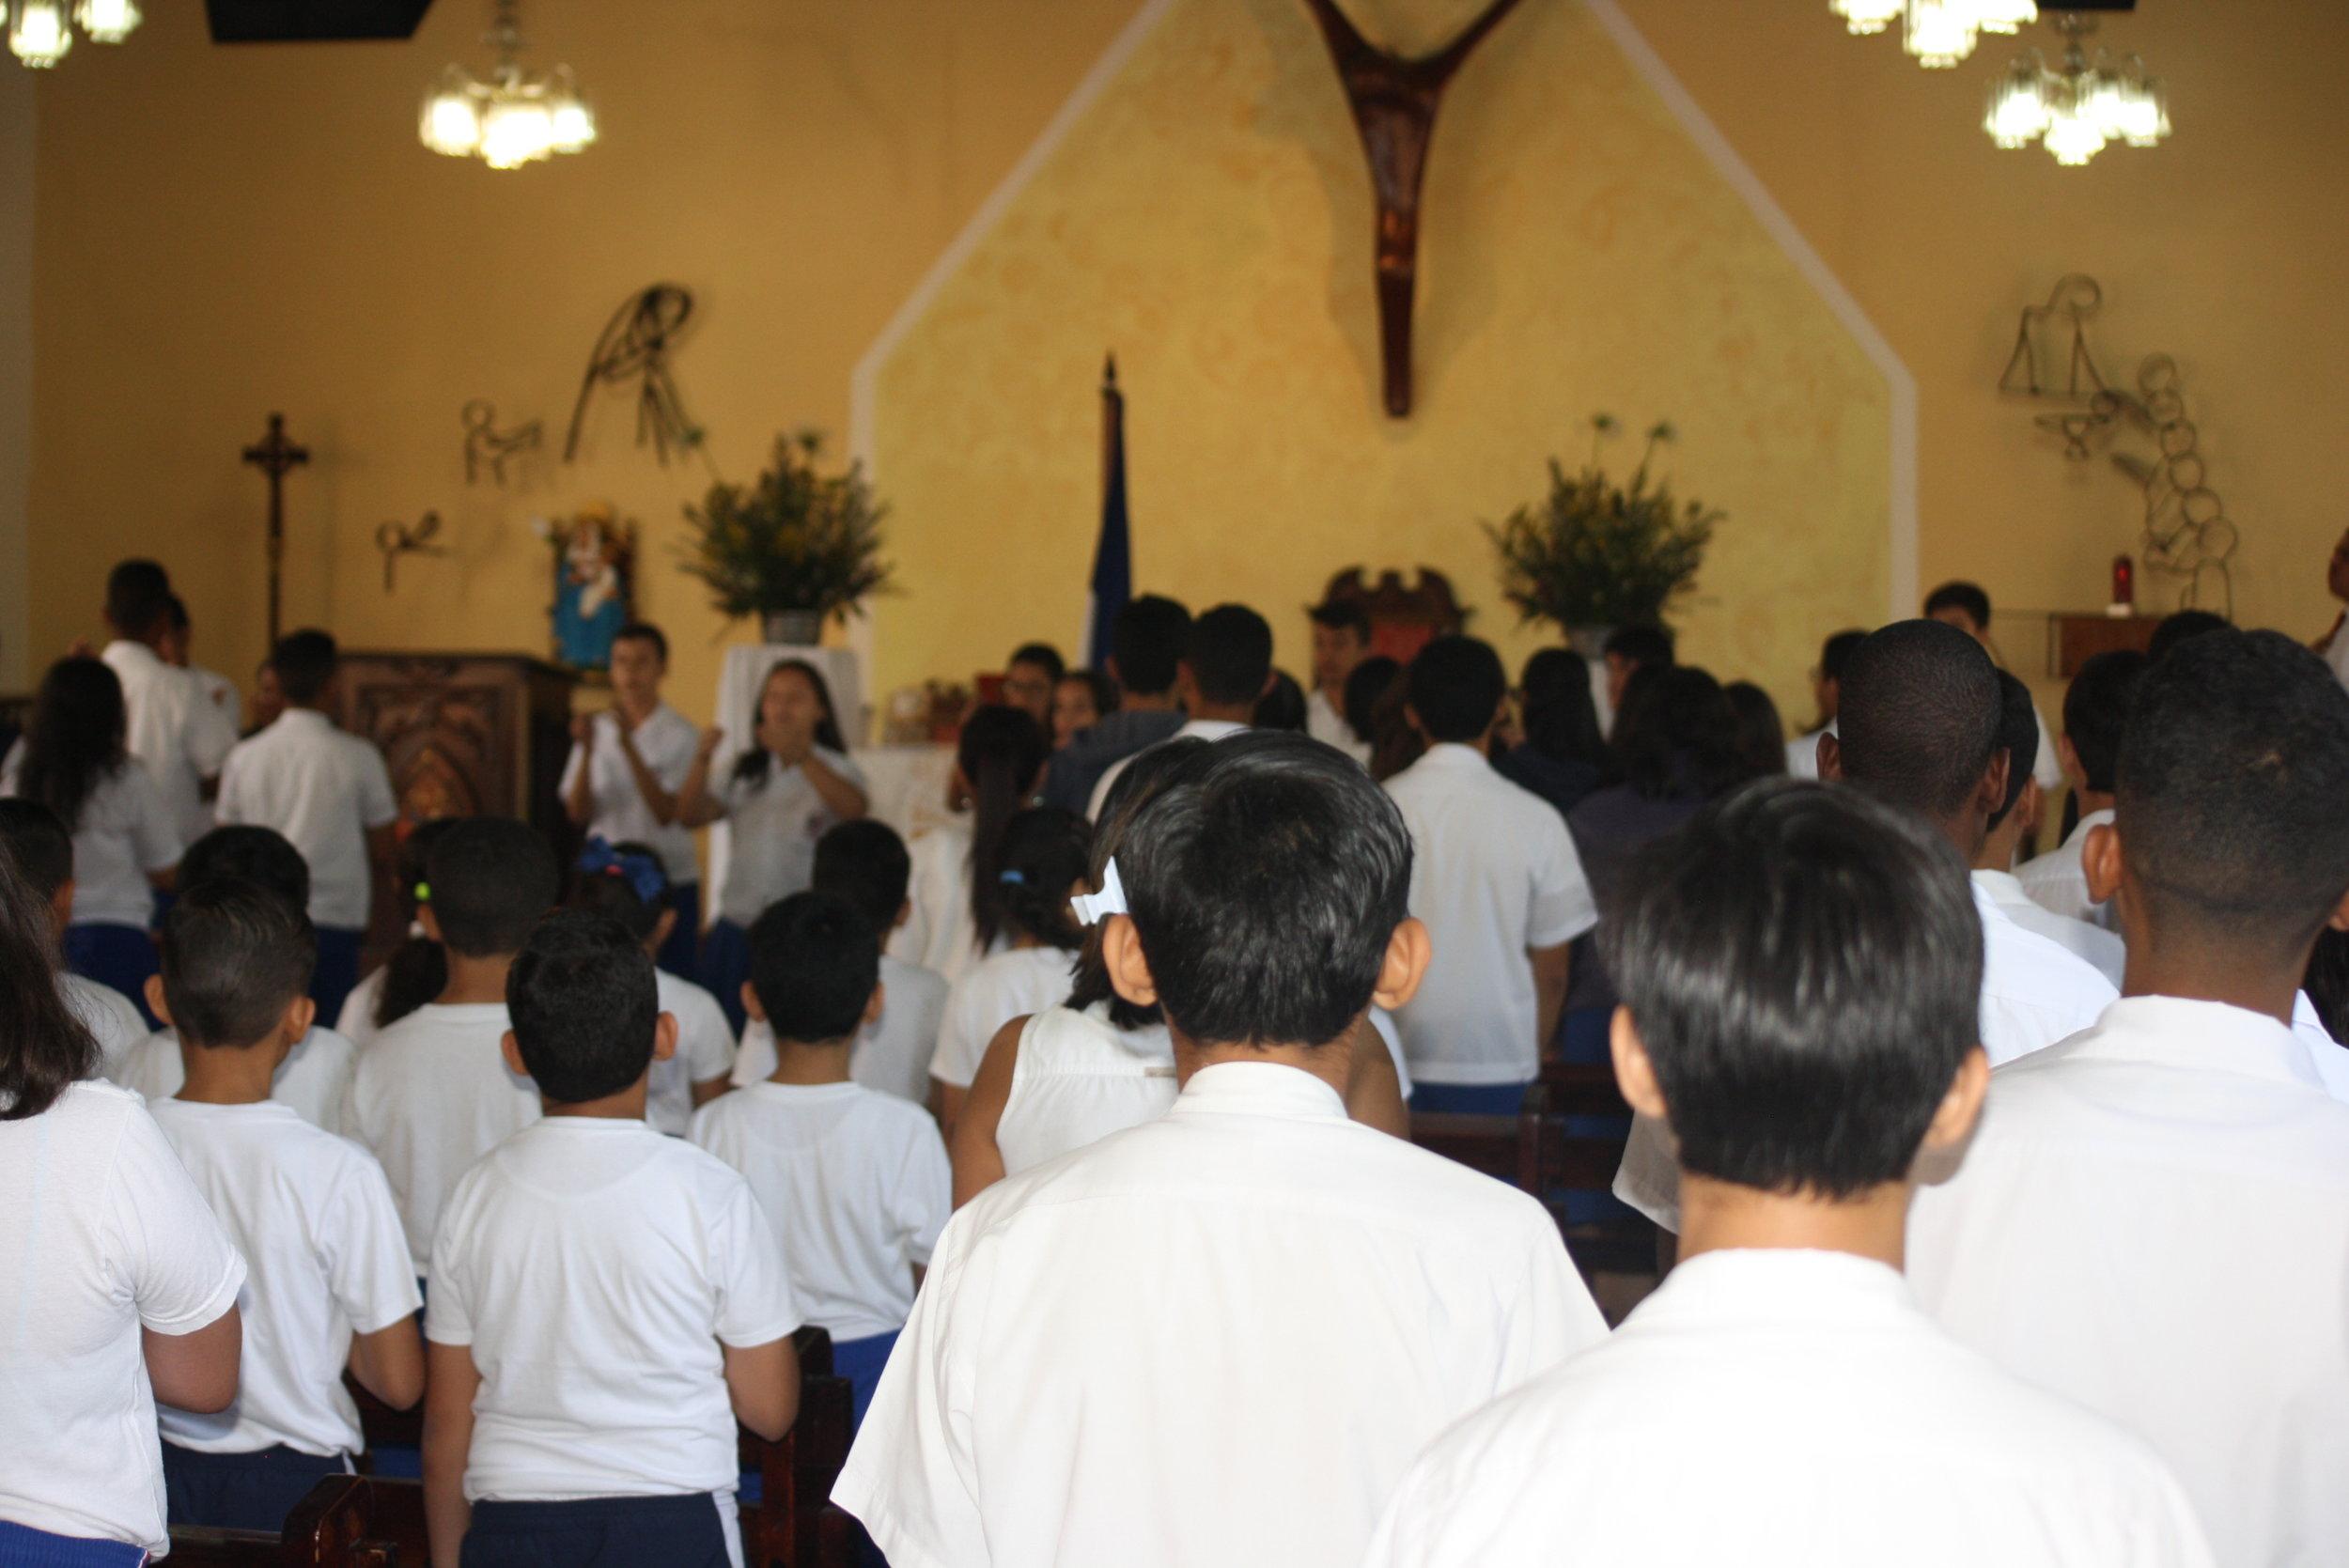 NUESTRA MISIÓN - Saint Mary's Episcopal School es una escuela 100% bilingüe que combina una educación intelectual de alto nivel con la instrucción y enseñanza de valores y principios cristianos, para lograr una formación integral en beneficio de la familia y la sociedad hondureña.